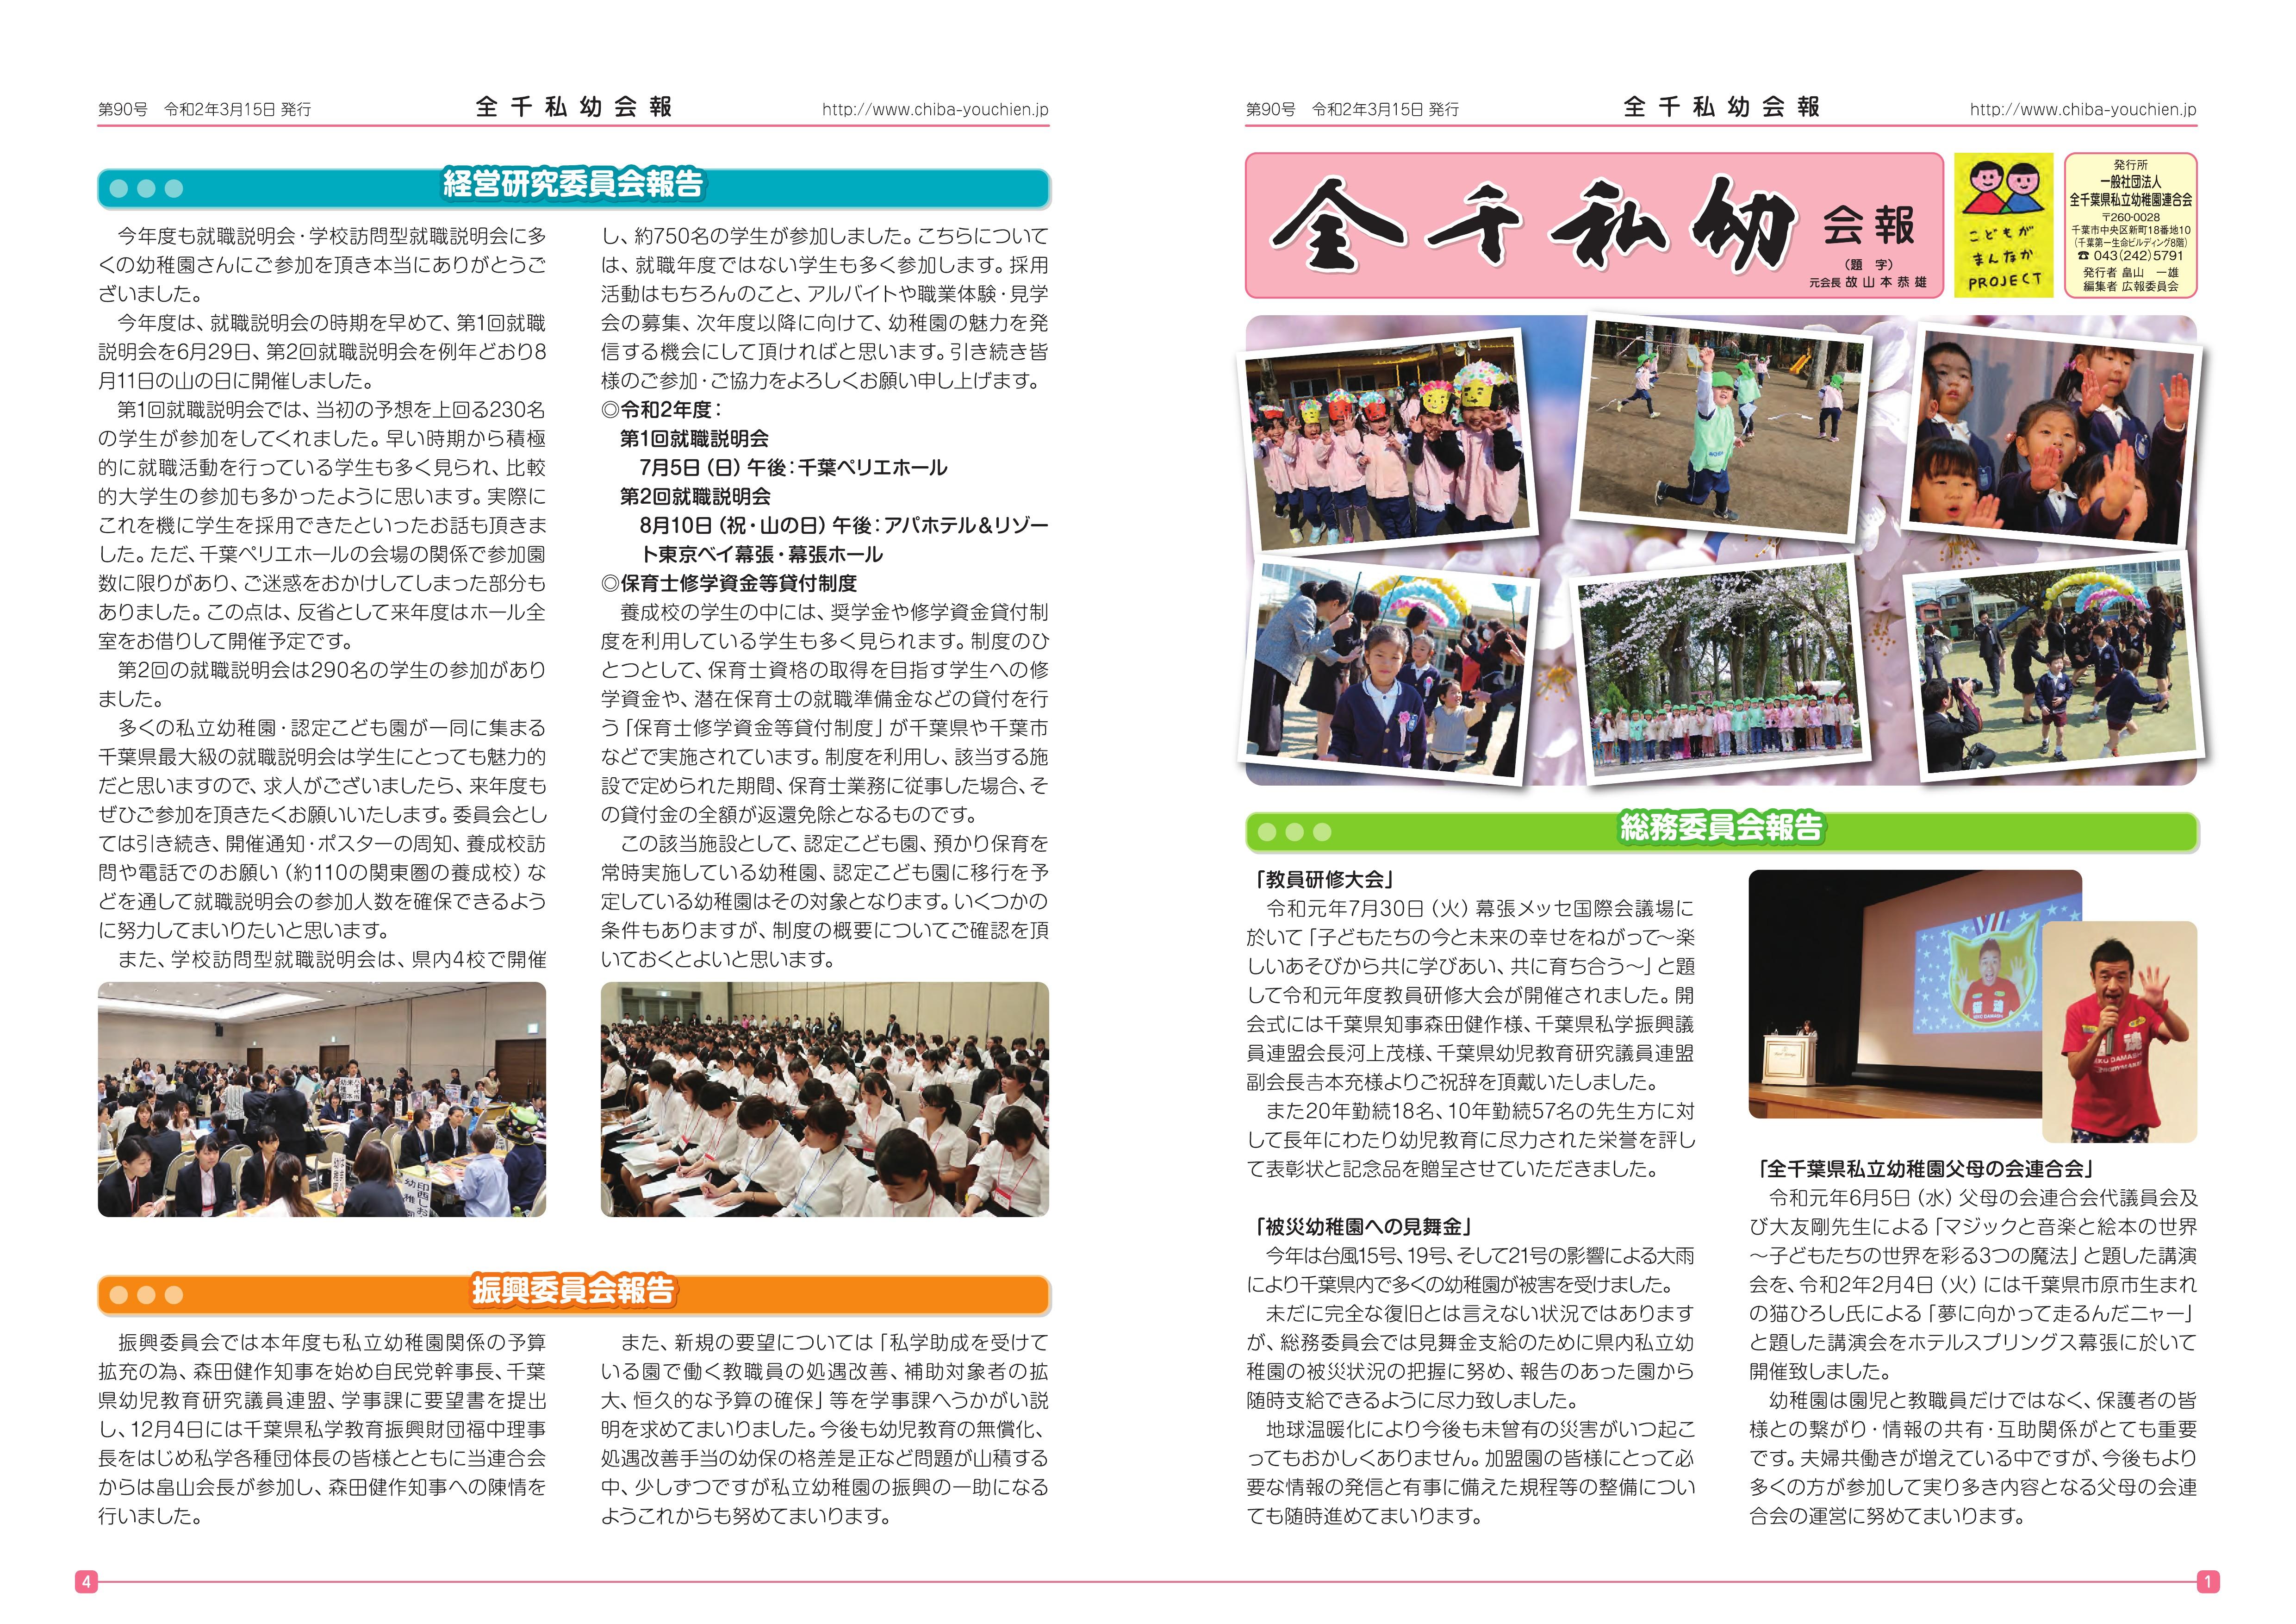 https://www.chiba-youchien.jp/news/90%E5%8F%B7P1%E8%A1%A8%E7%B4%99_P4%E8%A3%8F%E8%A1%A8%E7%B4%99_0310.jpg